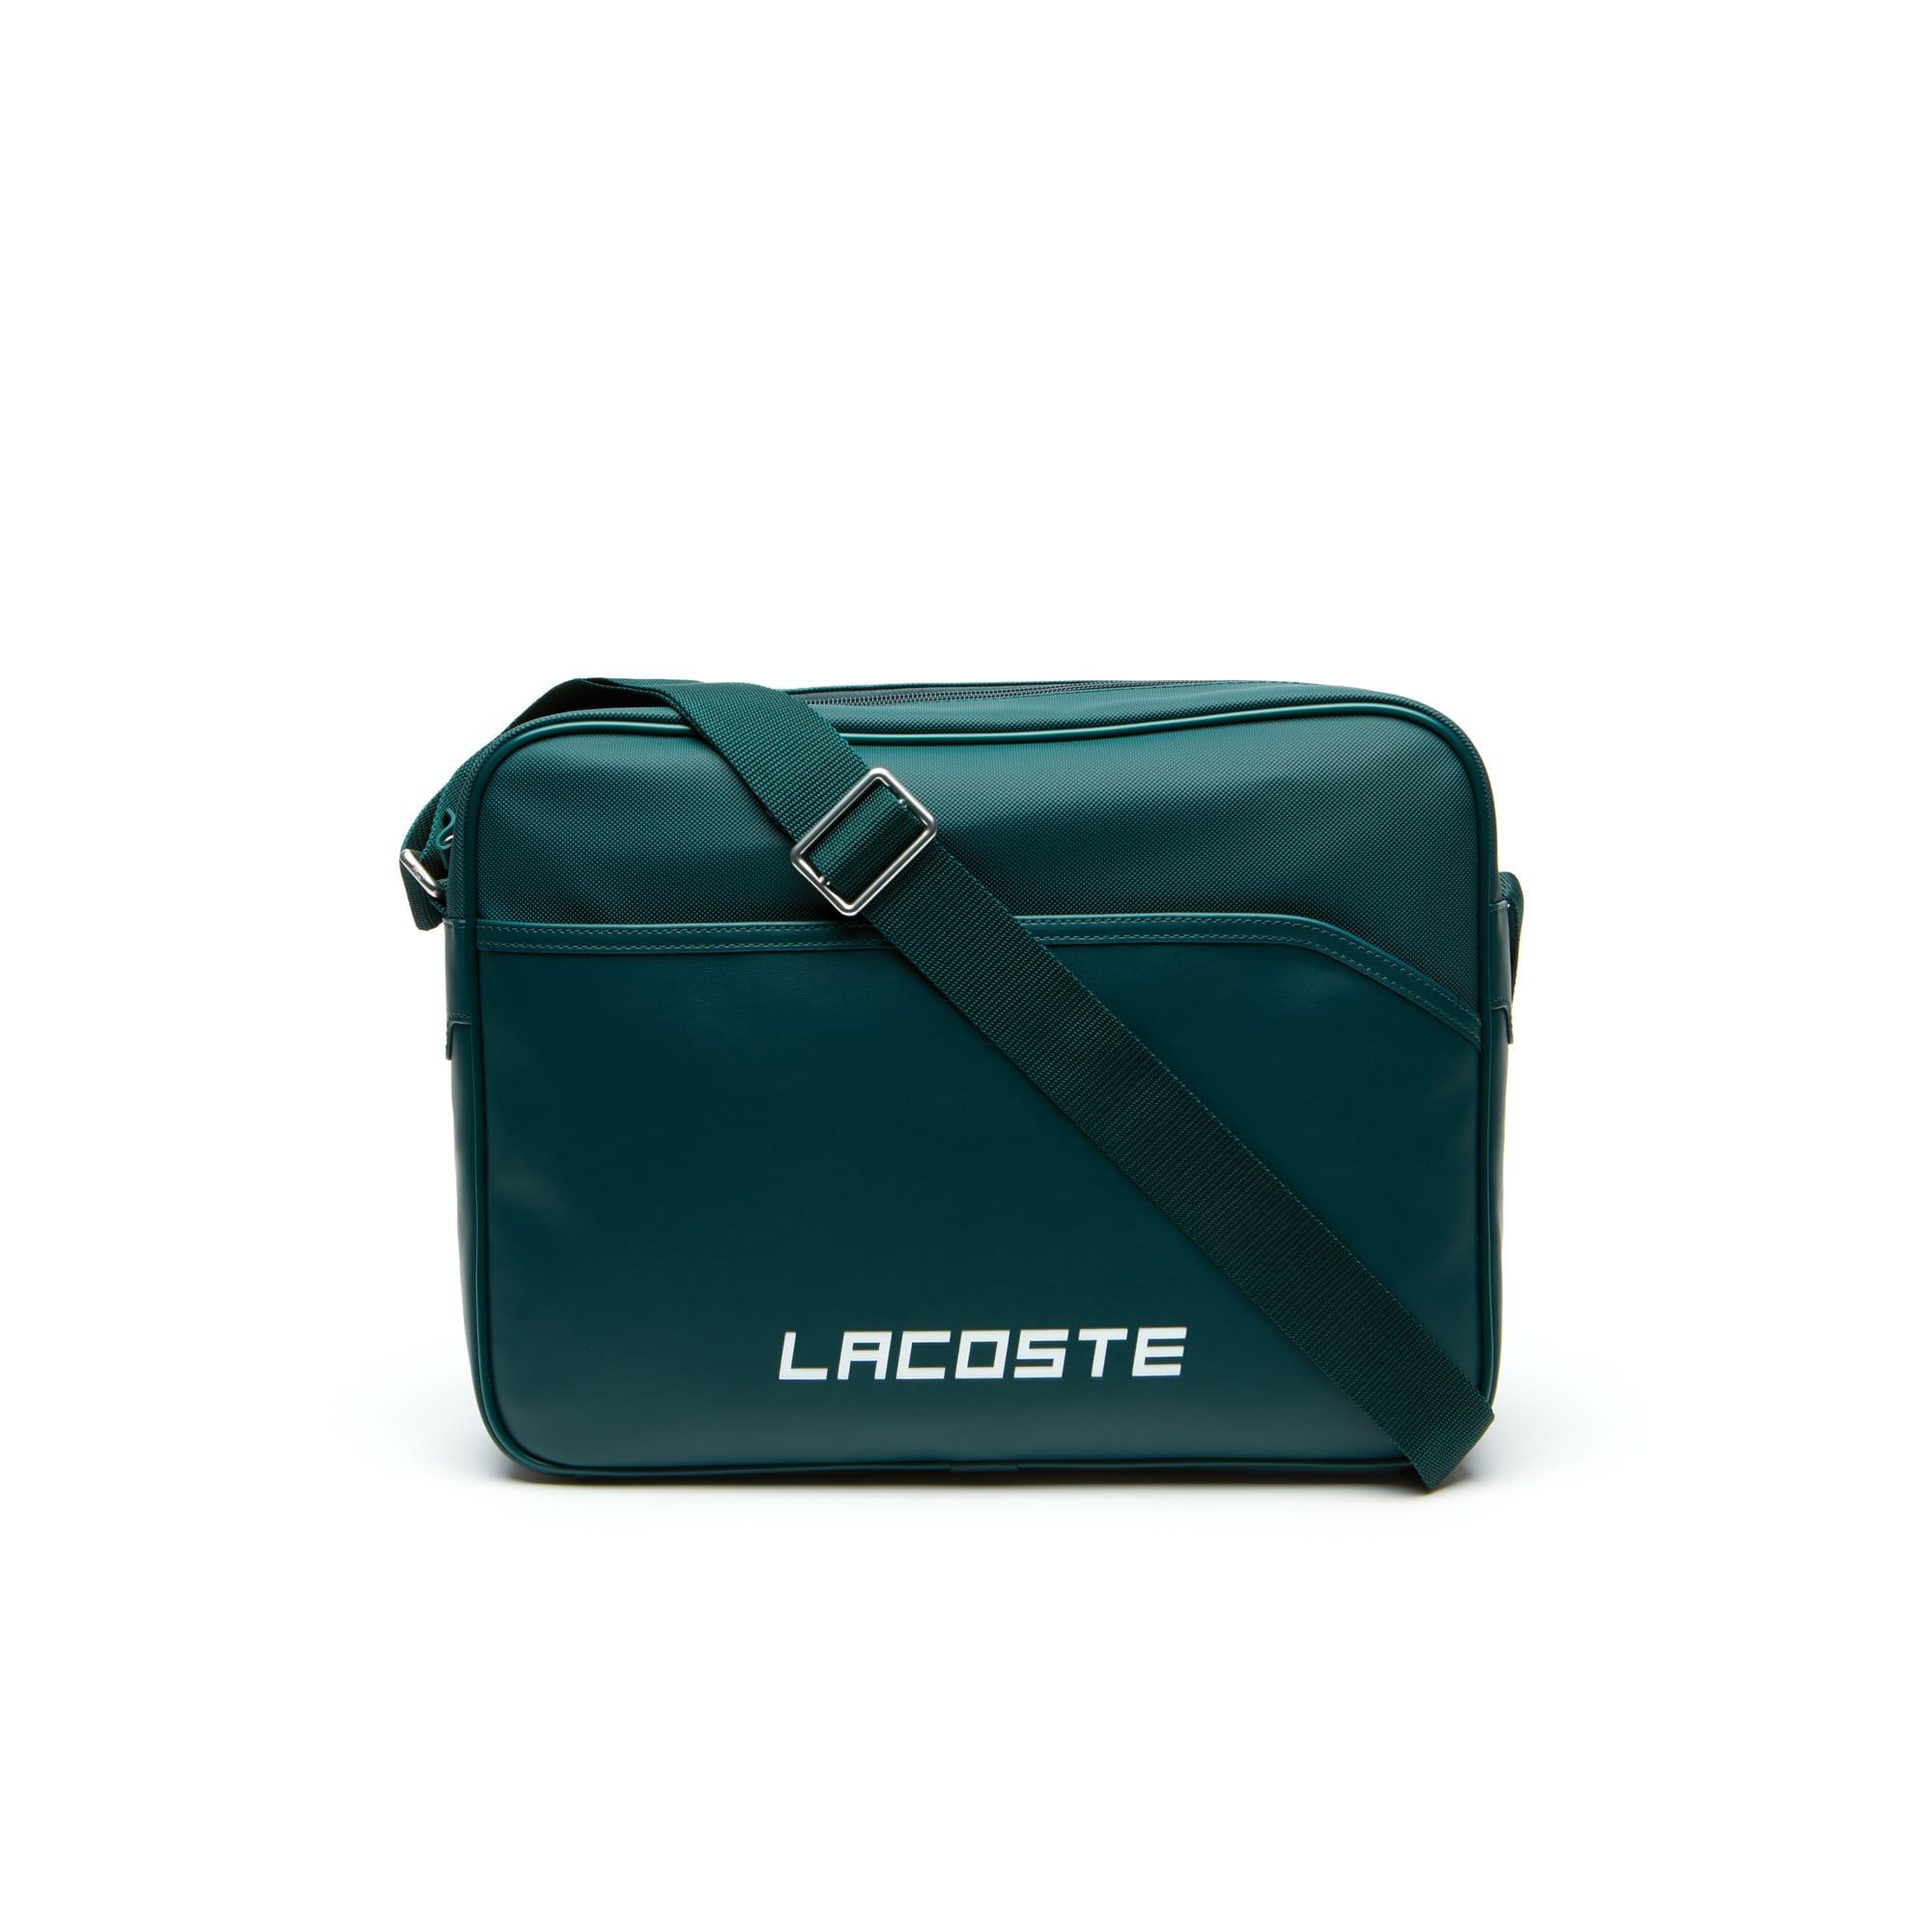 حقيبة أنيقة وصغيرة للسفر بأسلوب بوتيه بيكيه محفور عليها حروف العلامة التجارية Ultimum Lacoste للرجال